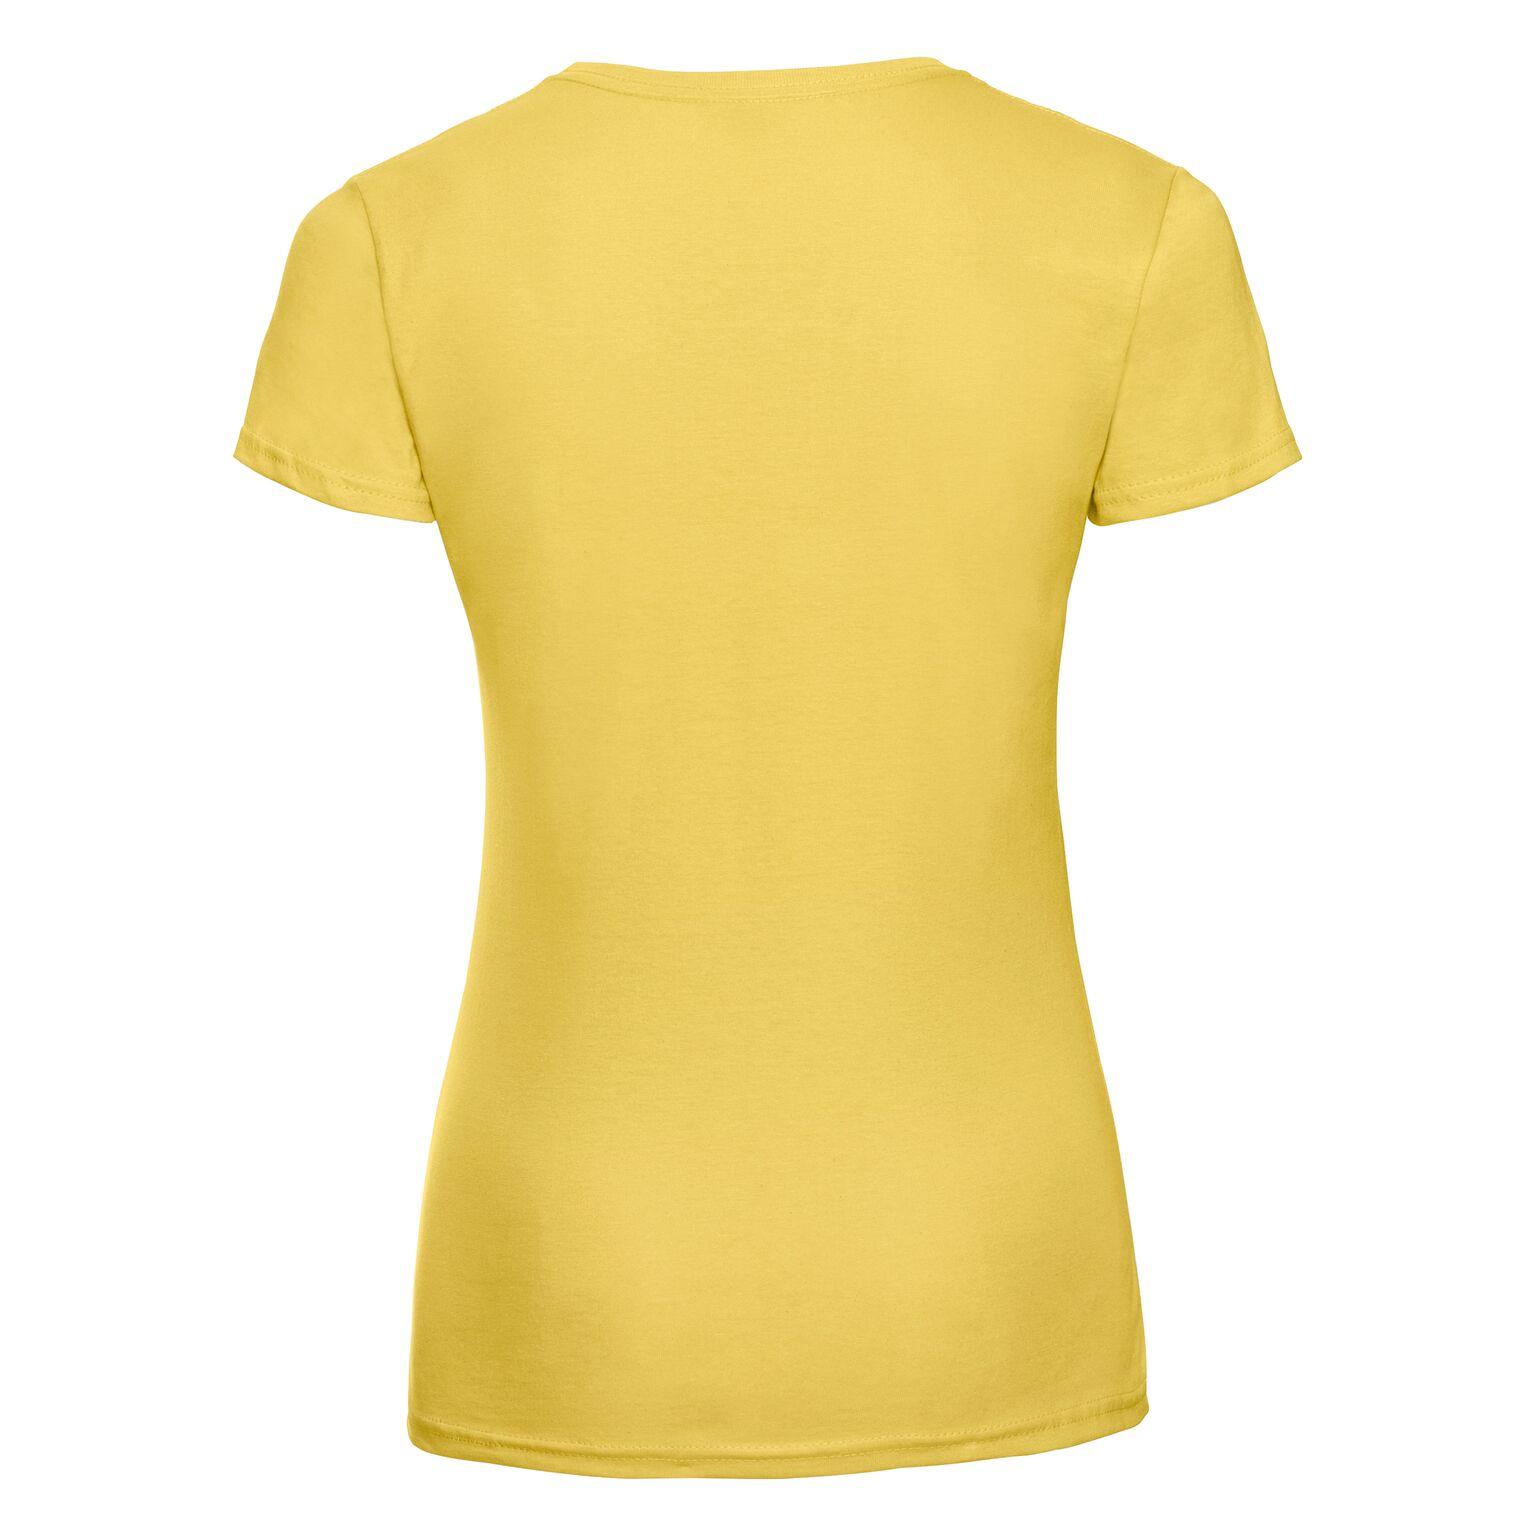 05_j155f_jaune--0-0--1f646c25-c196-4b16-b752-82edff3d8108